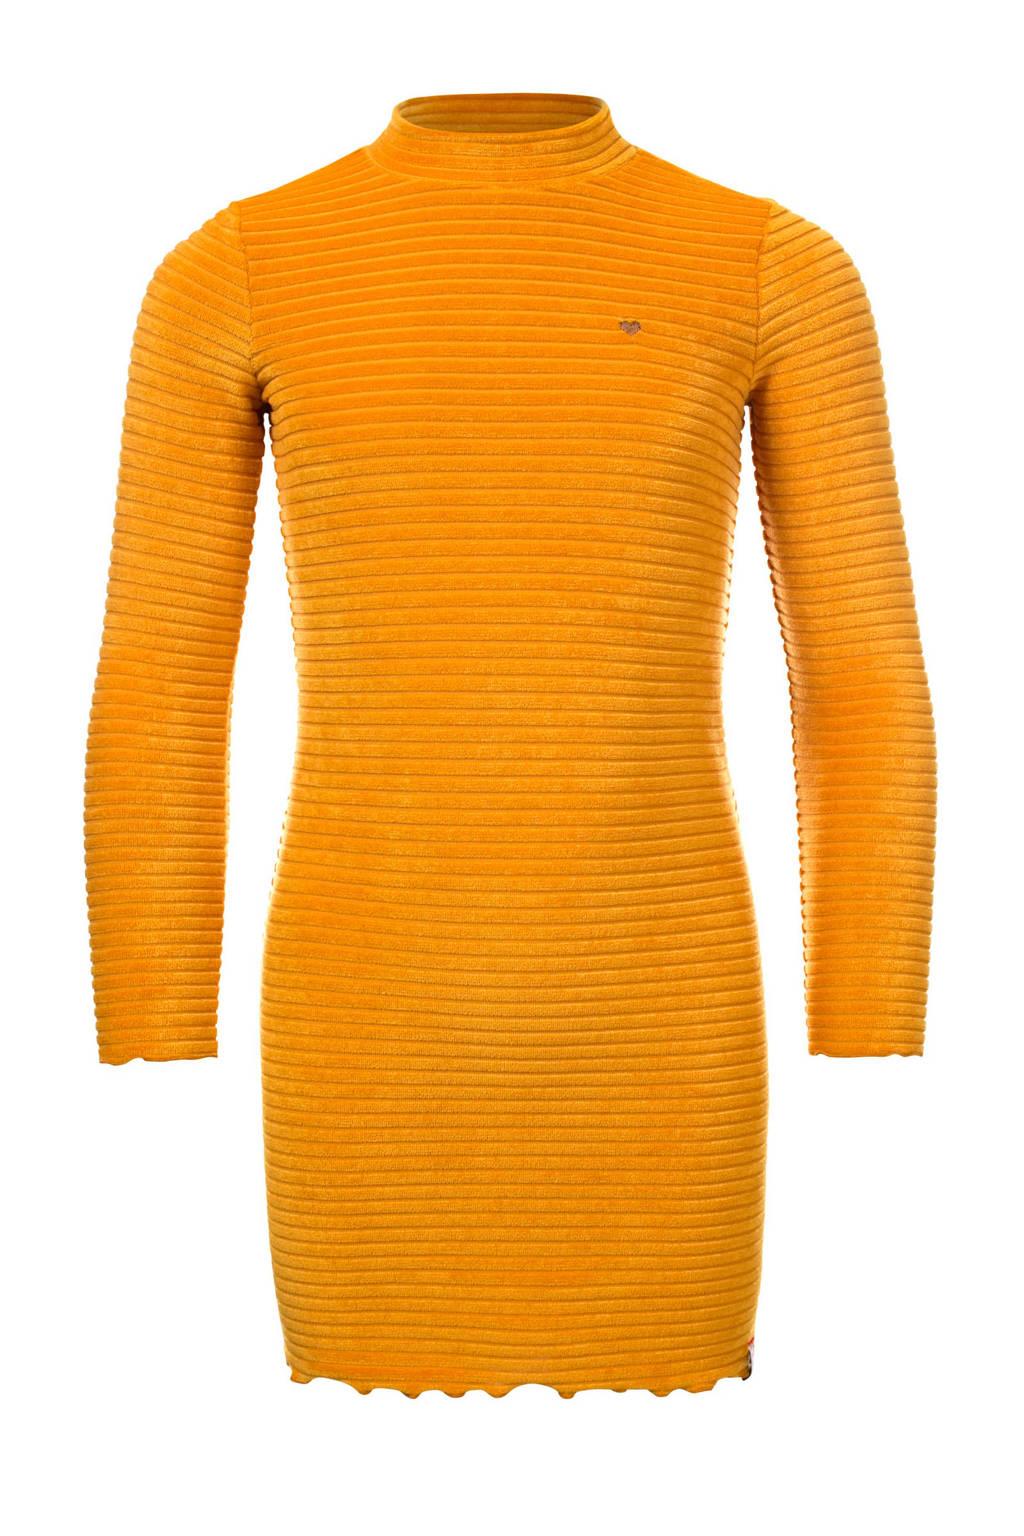 LOOXS little gestreepte fluwelen jurk honinggeel, Honey520